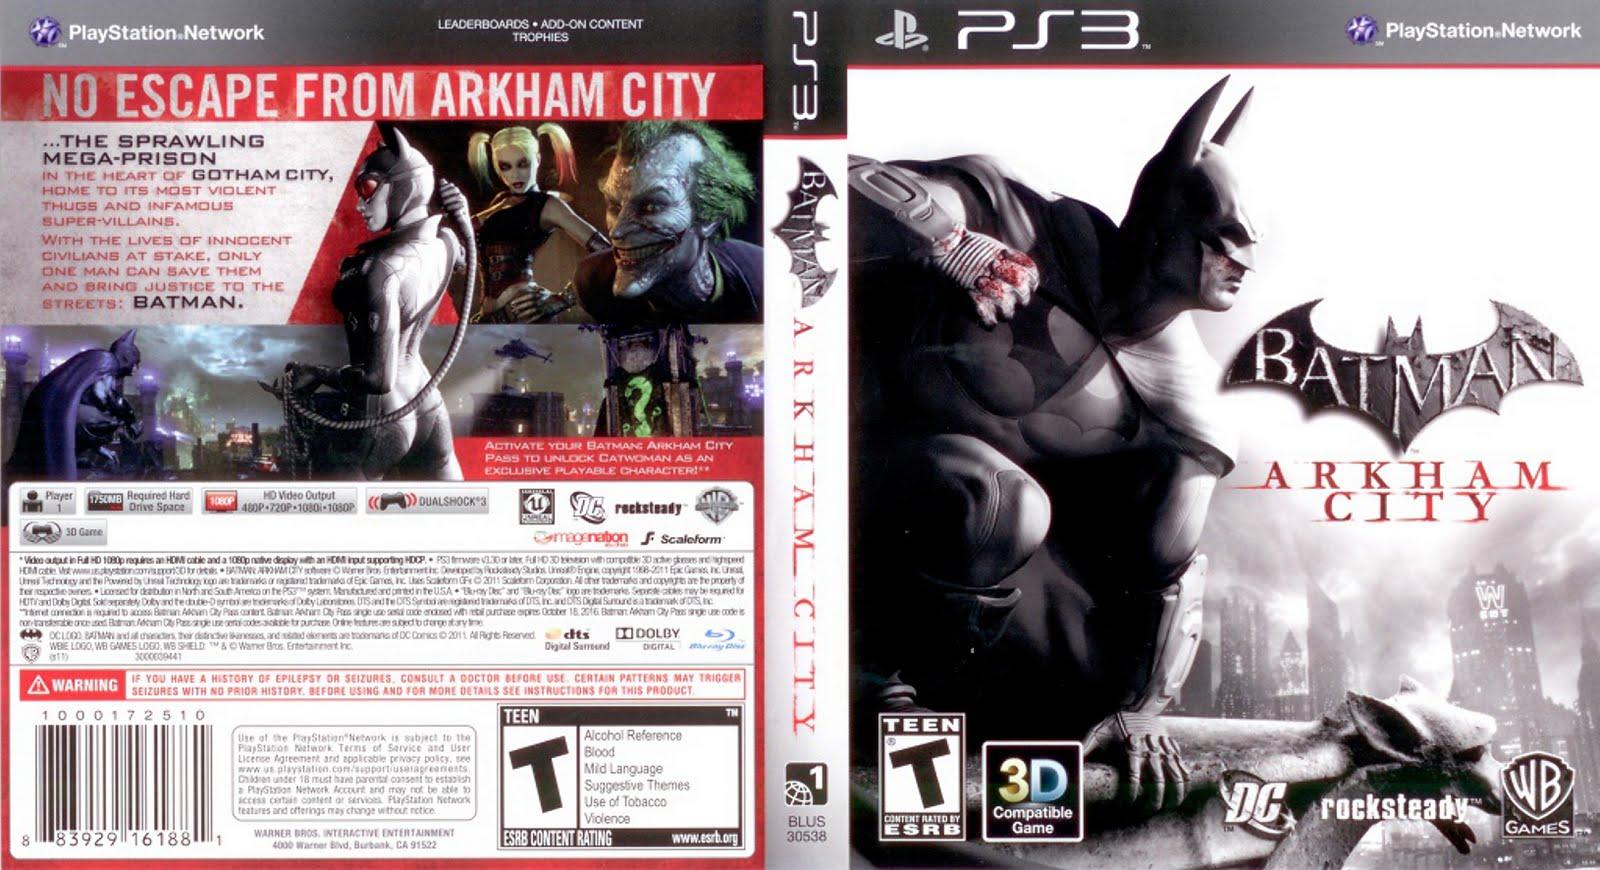 Caratula de Batman - Arkham City PlayStation 3 (DVD) ~ Super ...